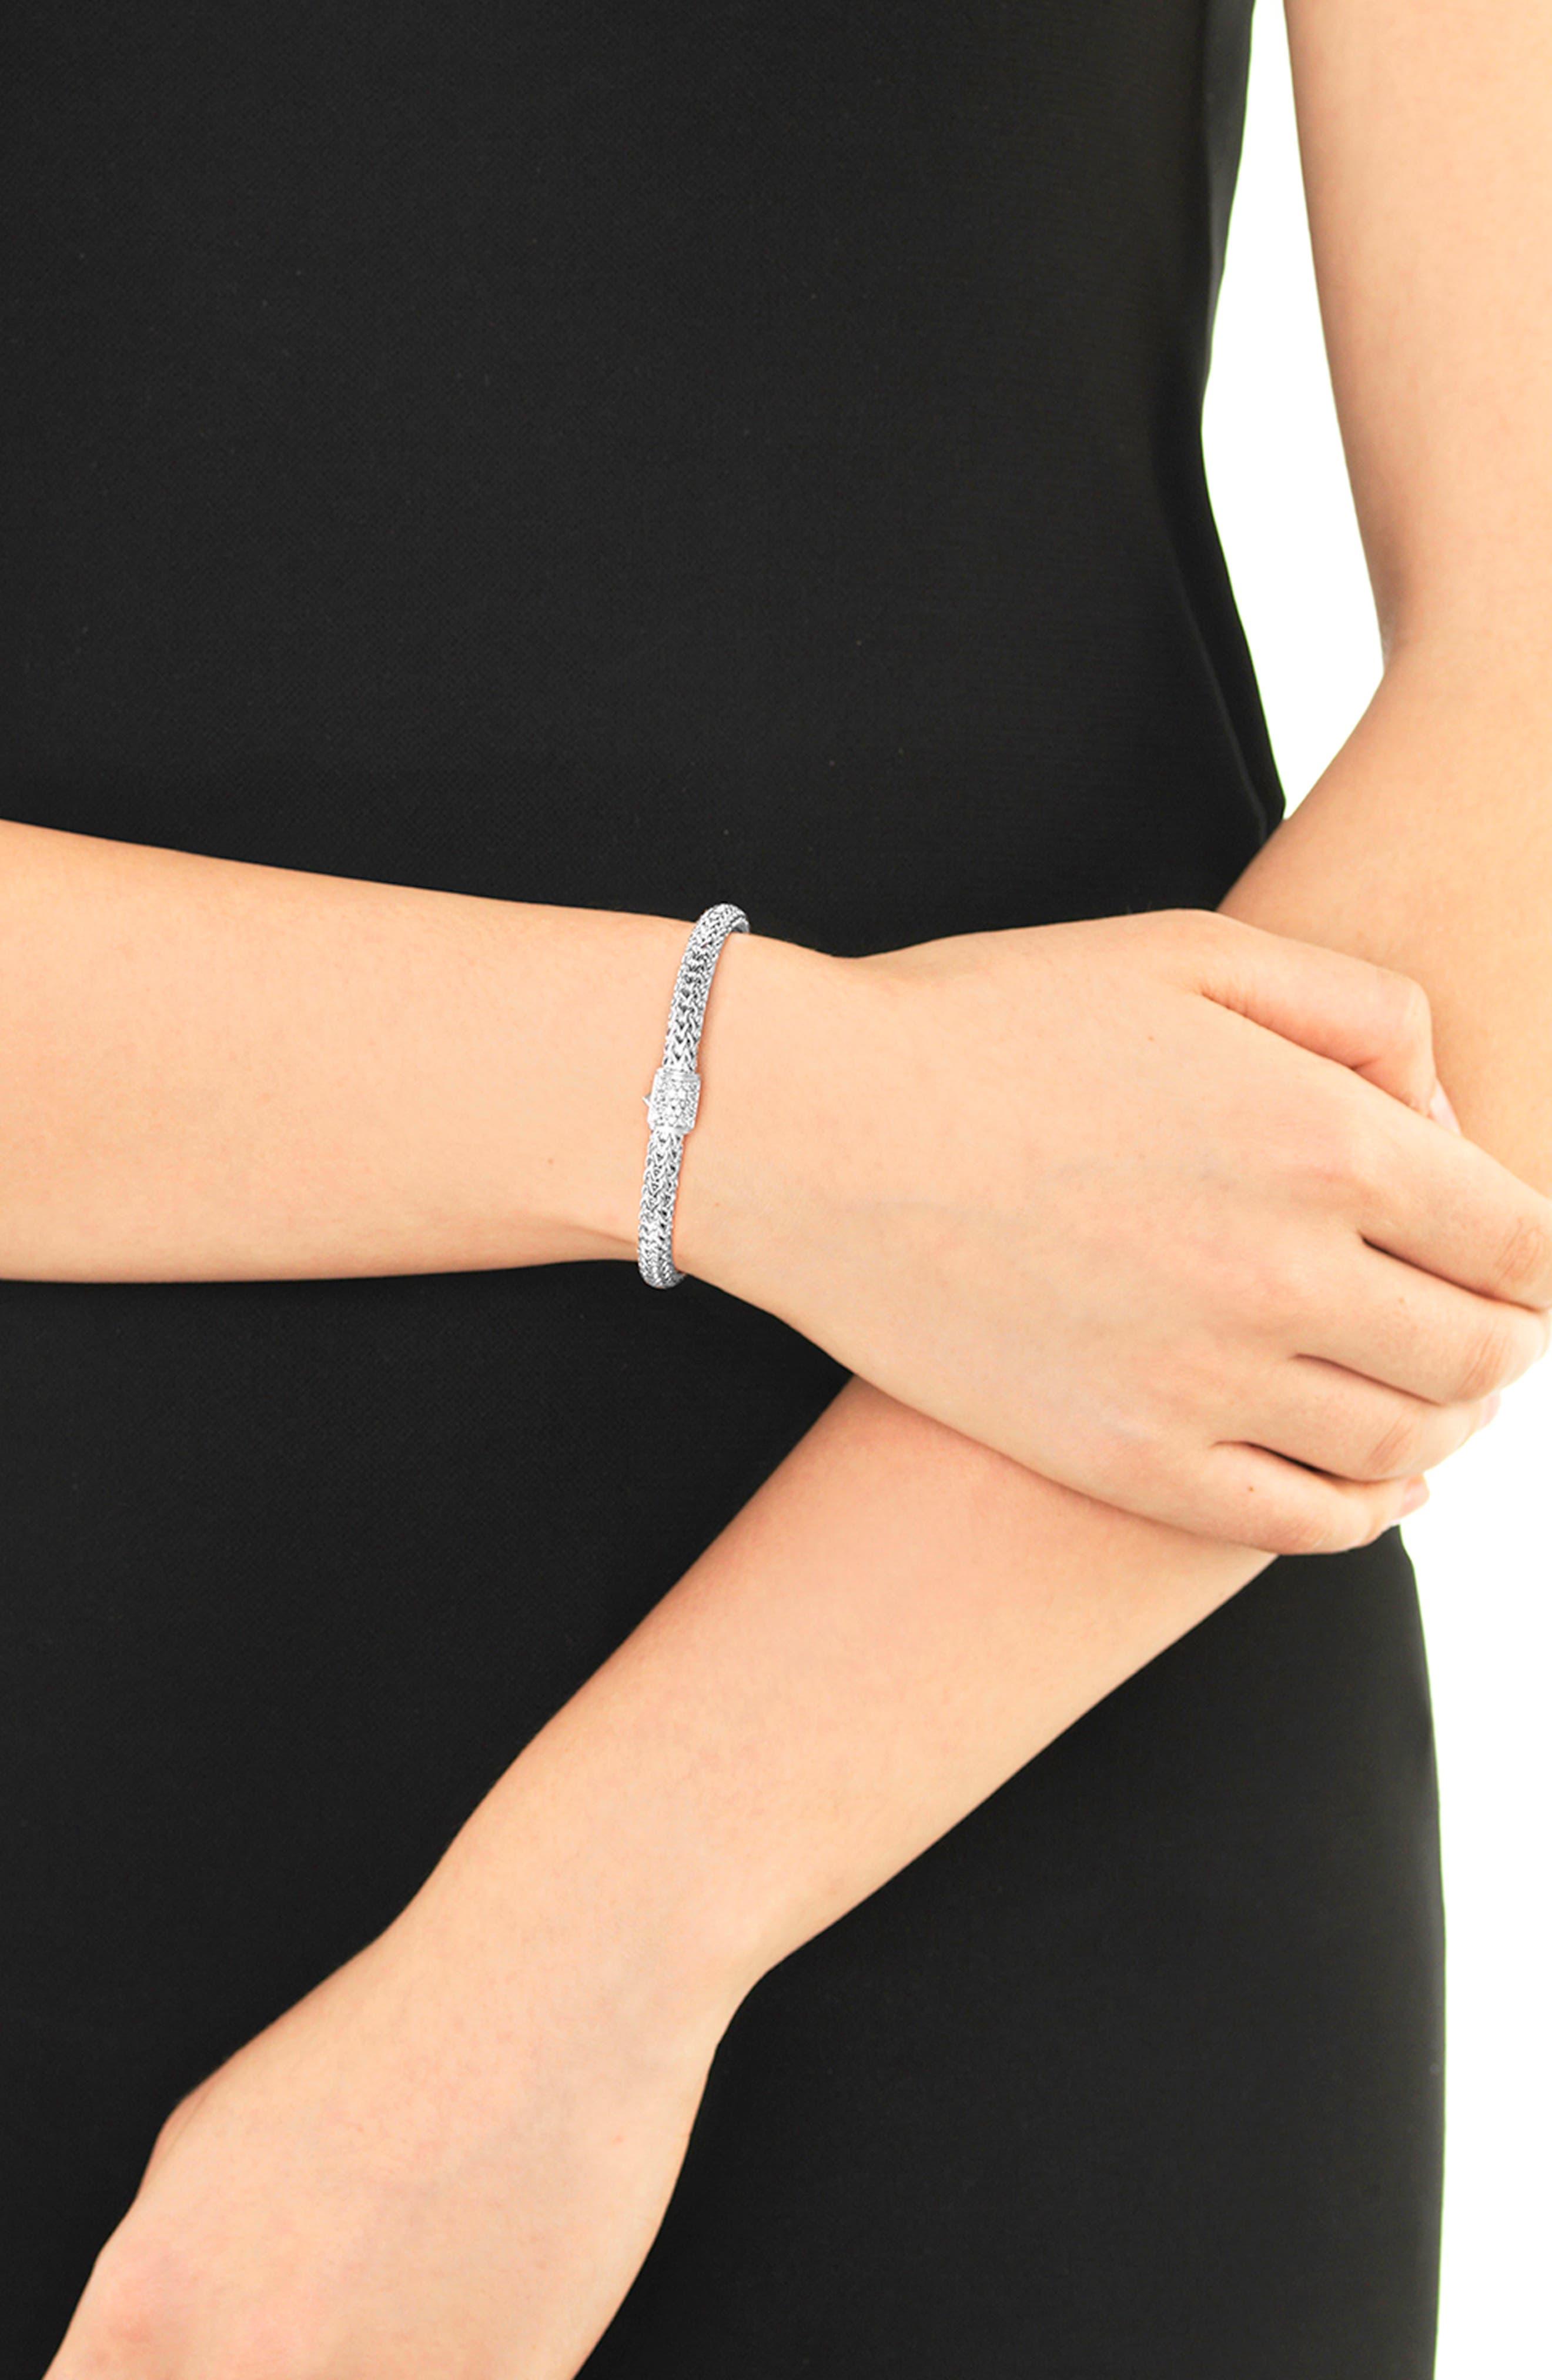 Classic Chain 5mm Diamond Bracelet,                             Alternate thumbnail 2, color,                             NO COLOR